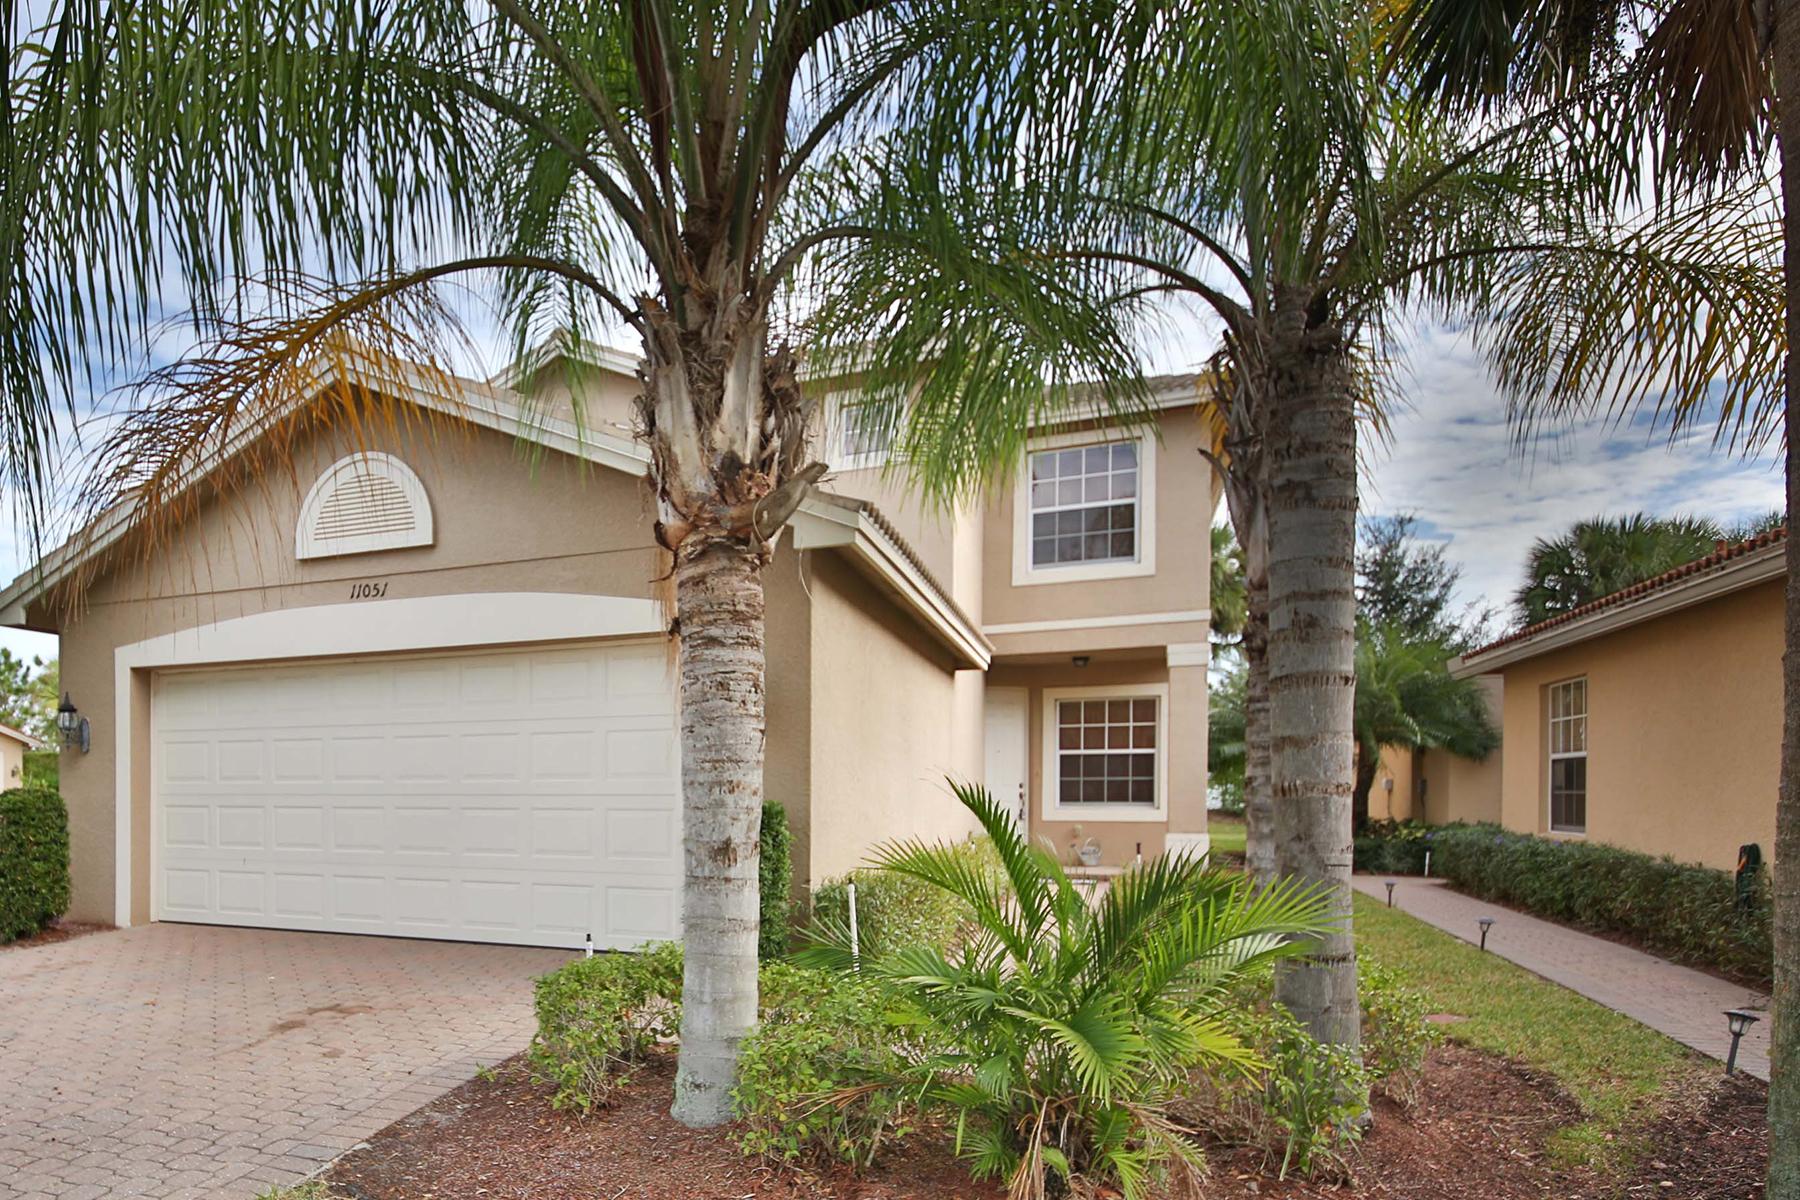 Tek Ailelik Ev için Satış at BOTANICA LAKES 11051 Lancewood St Fort Myers, Florida, 33913 Amerika Birleşik Devletleri